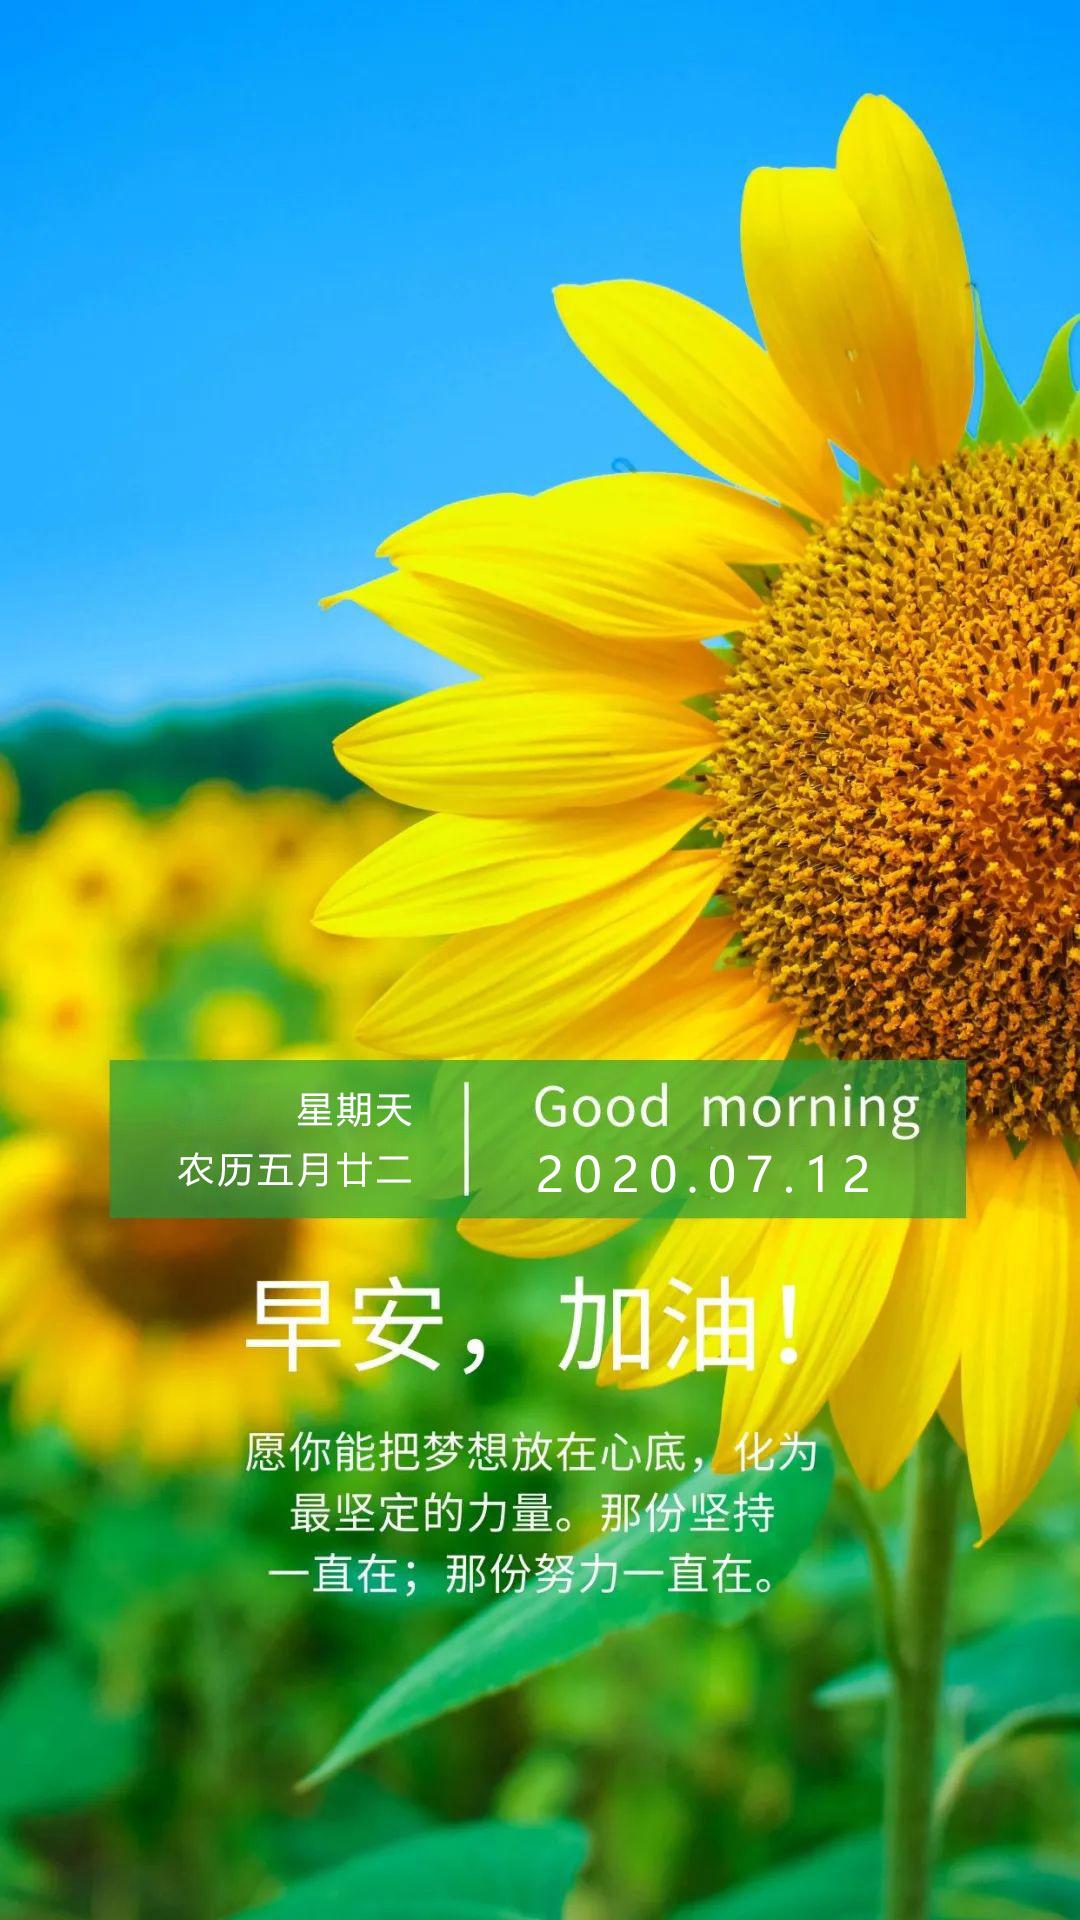 周末正能量早安图片日签说说:把梦想放在心底,化为最坚定的力量